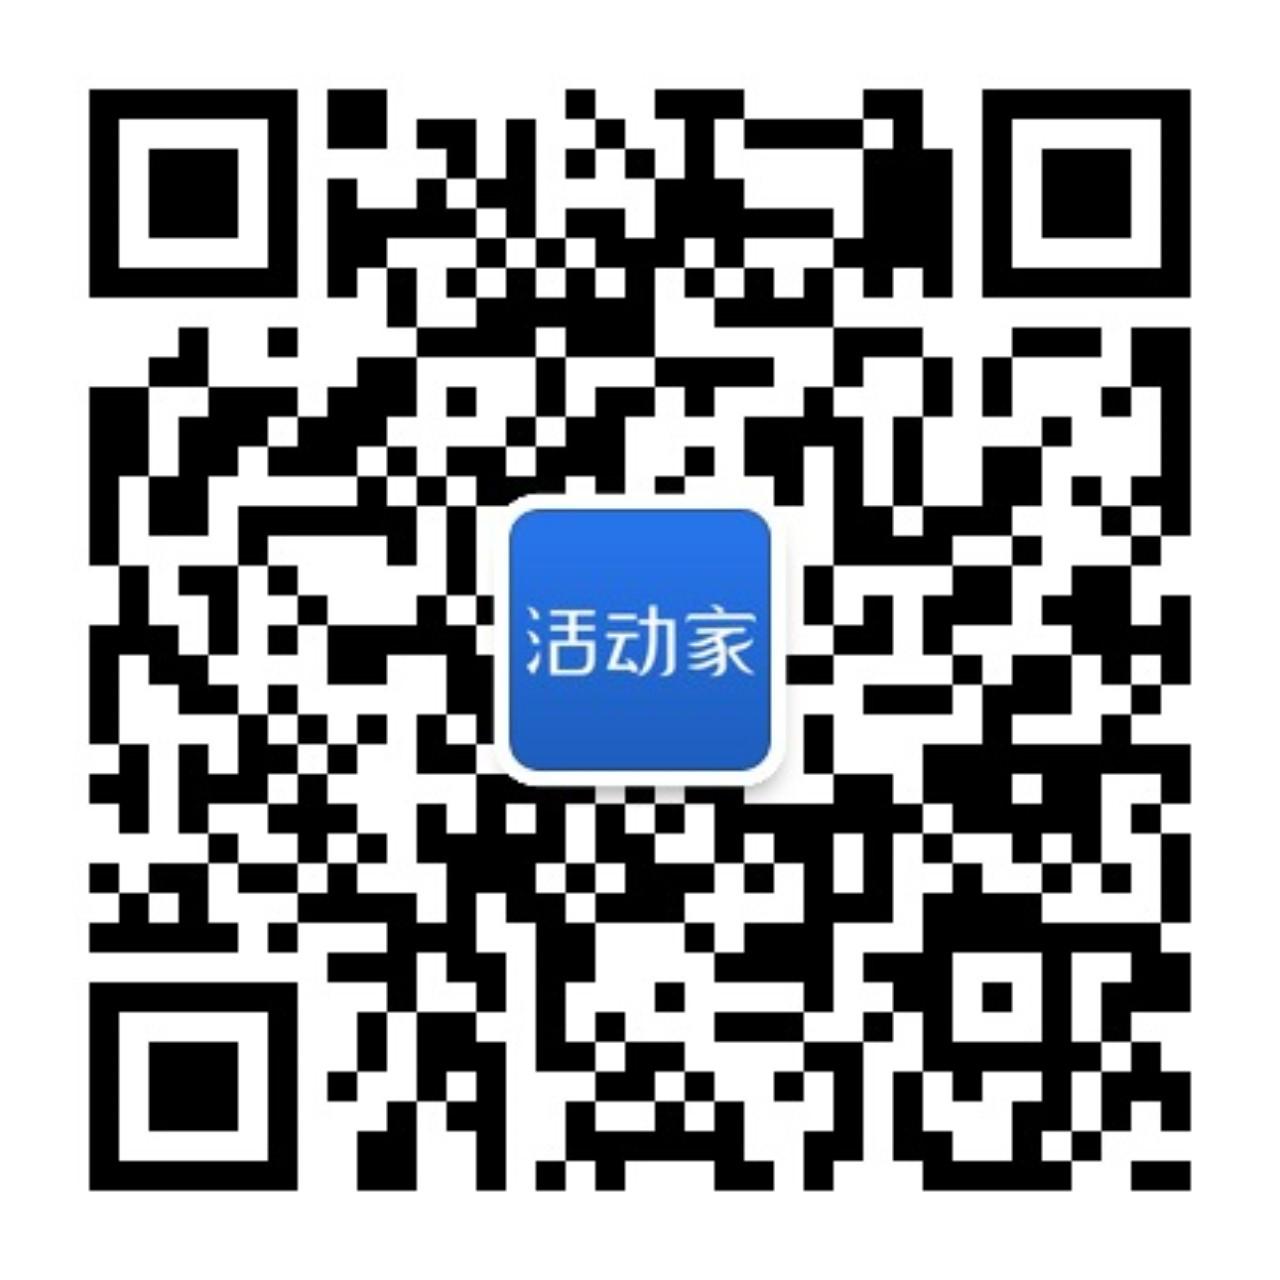 大发快3官方—大发快三走势app下载